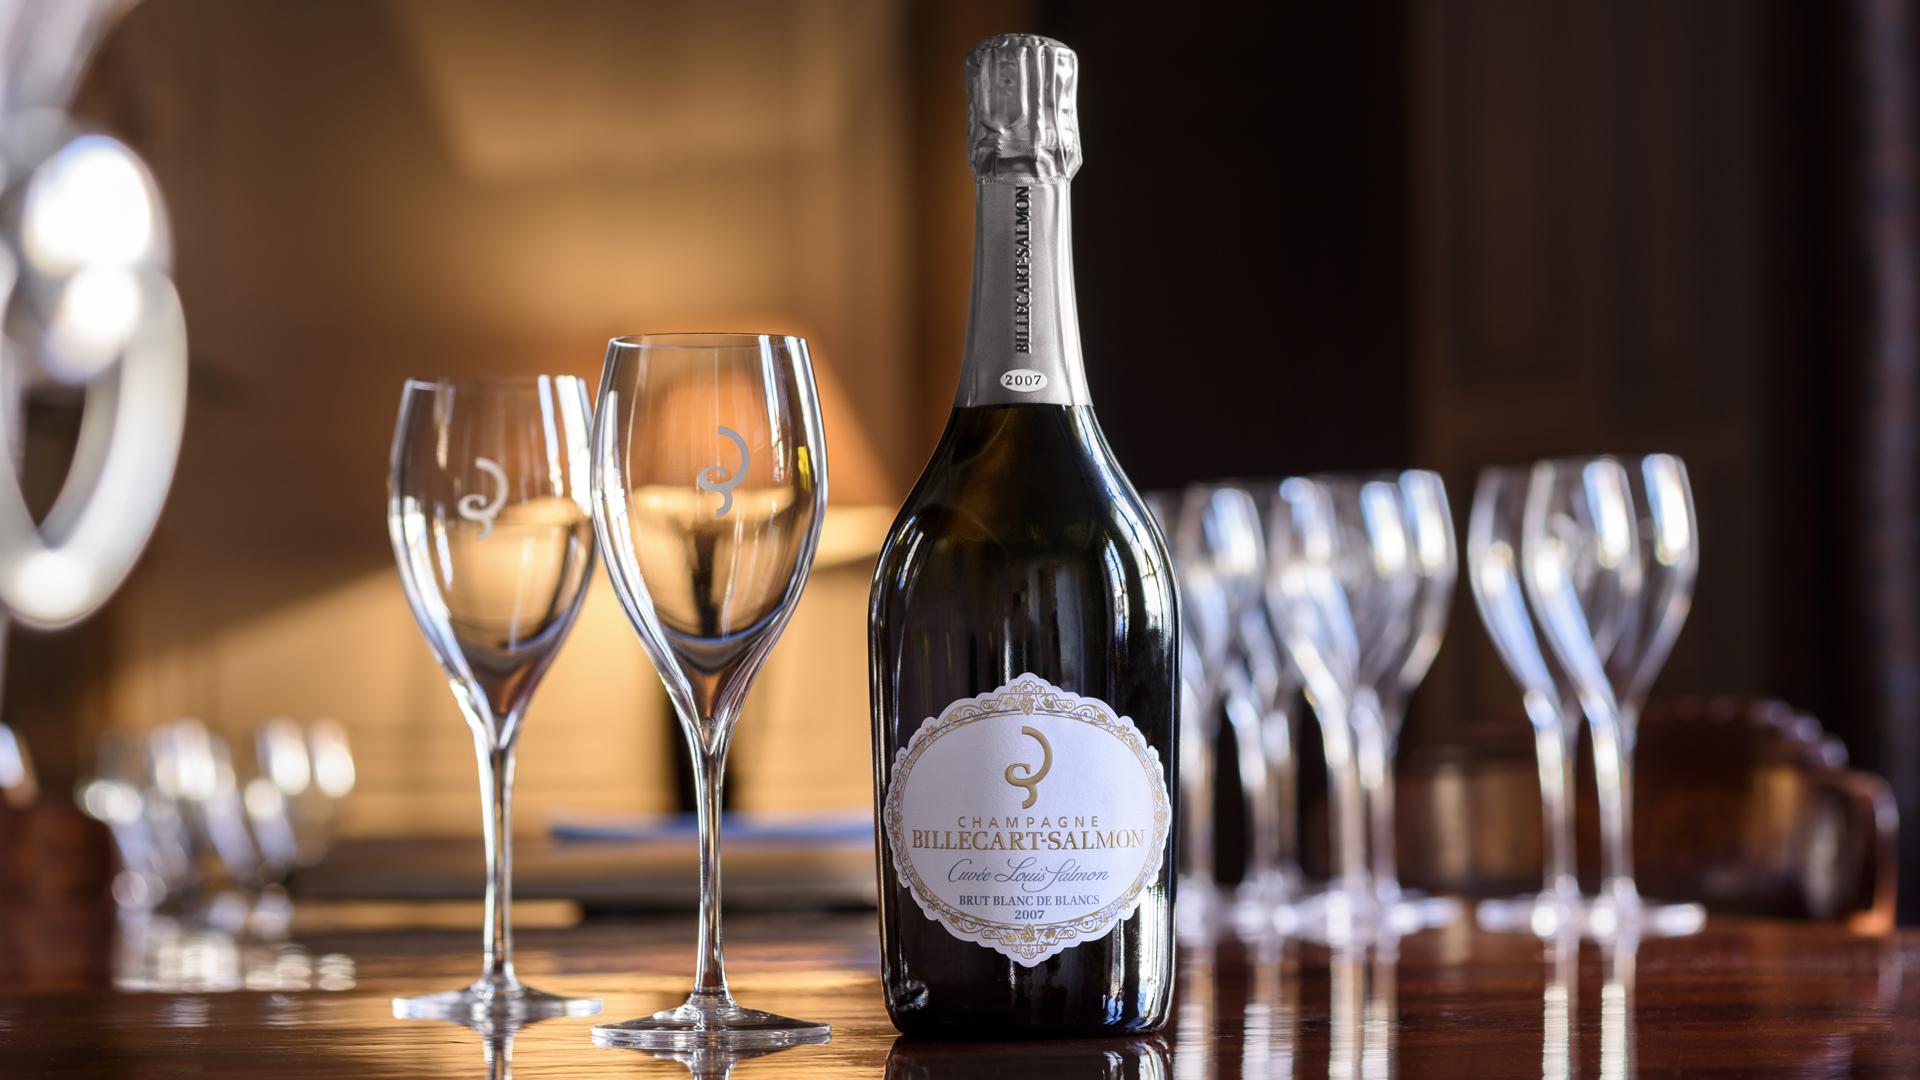 Dîner Champagne Billecart-Salmon le 18 octobre 2019